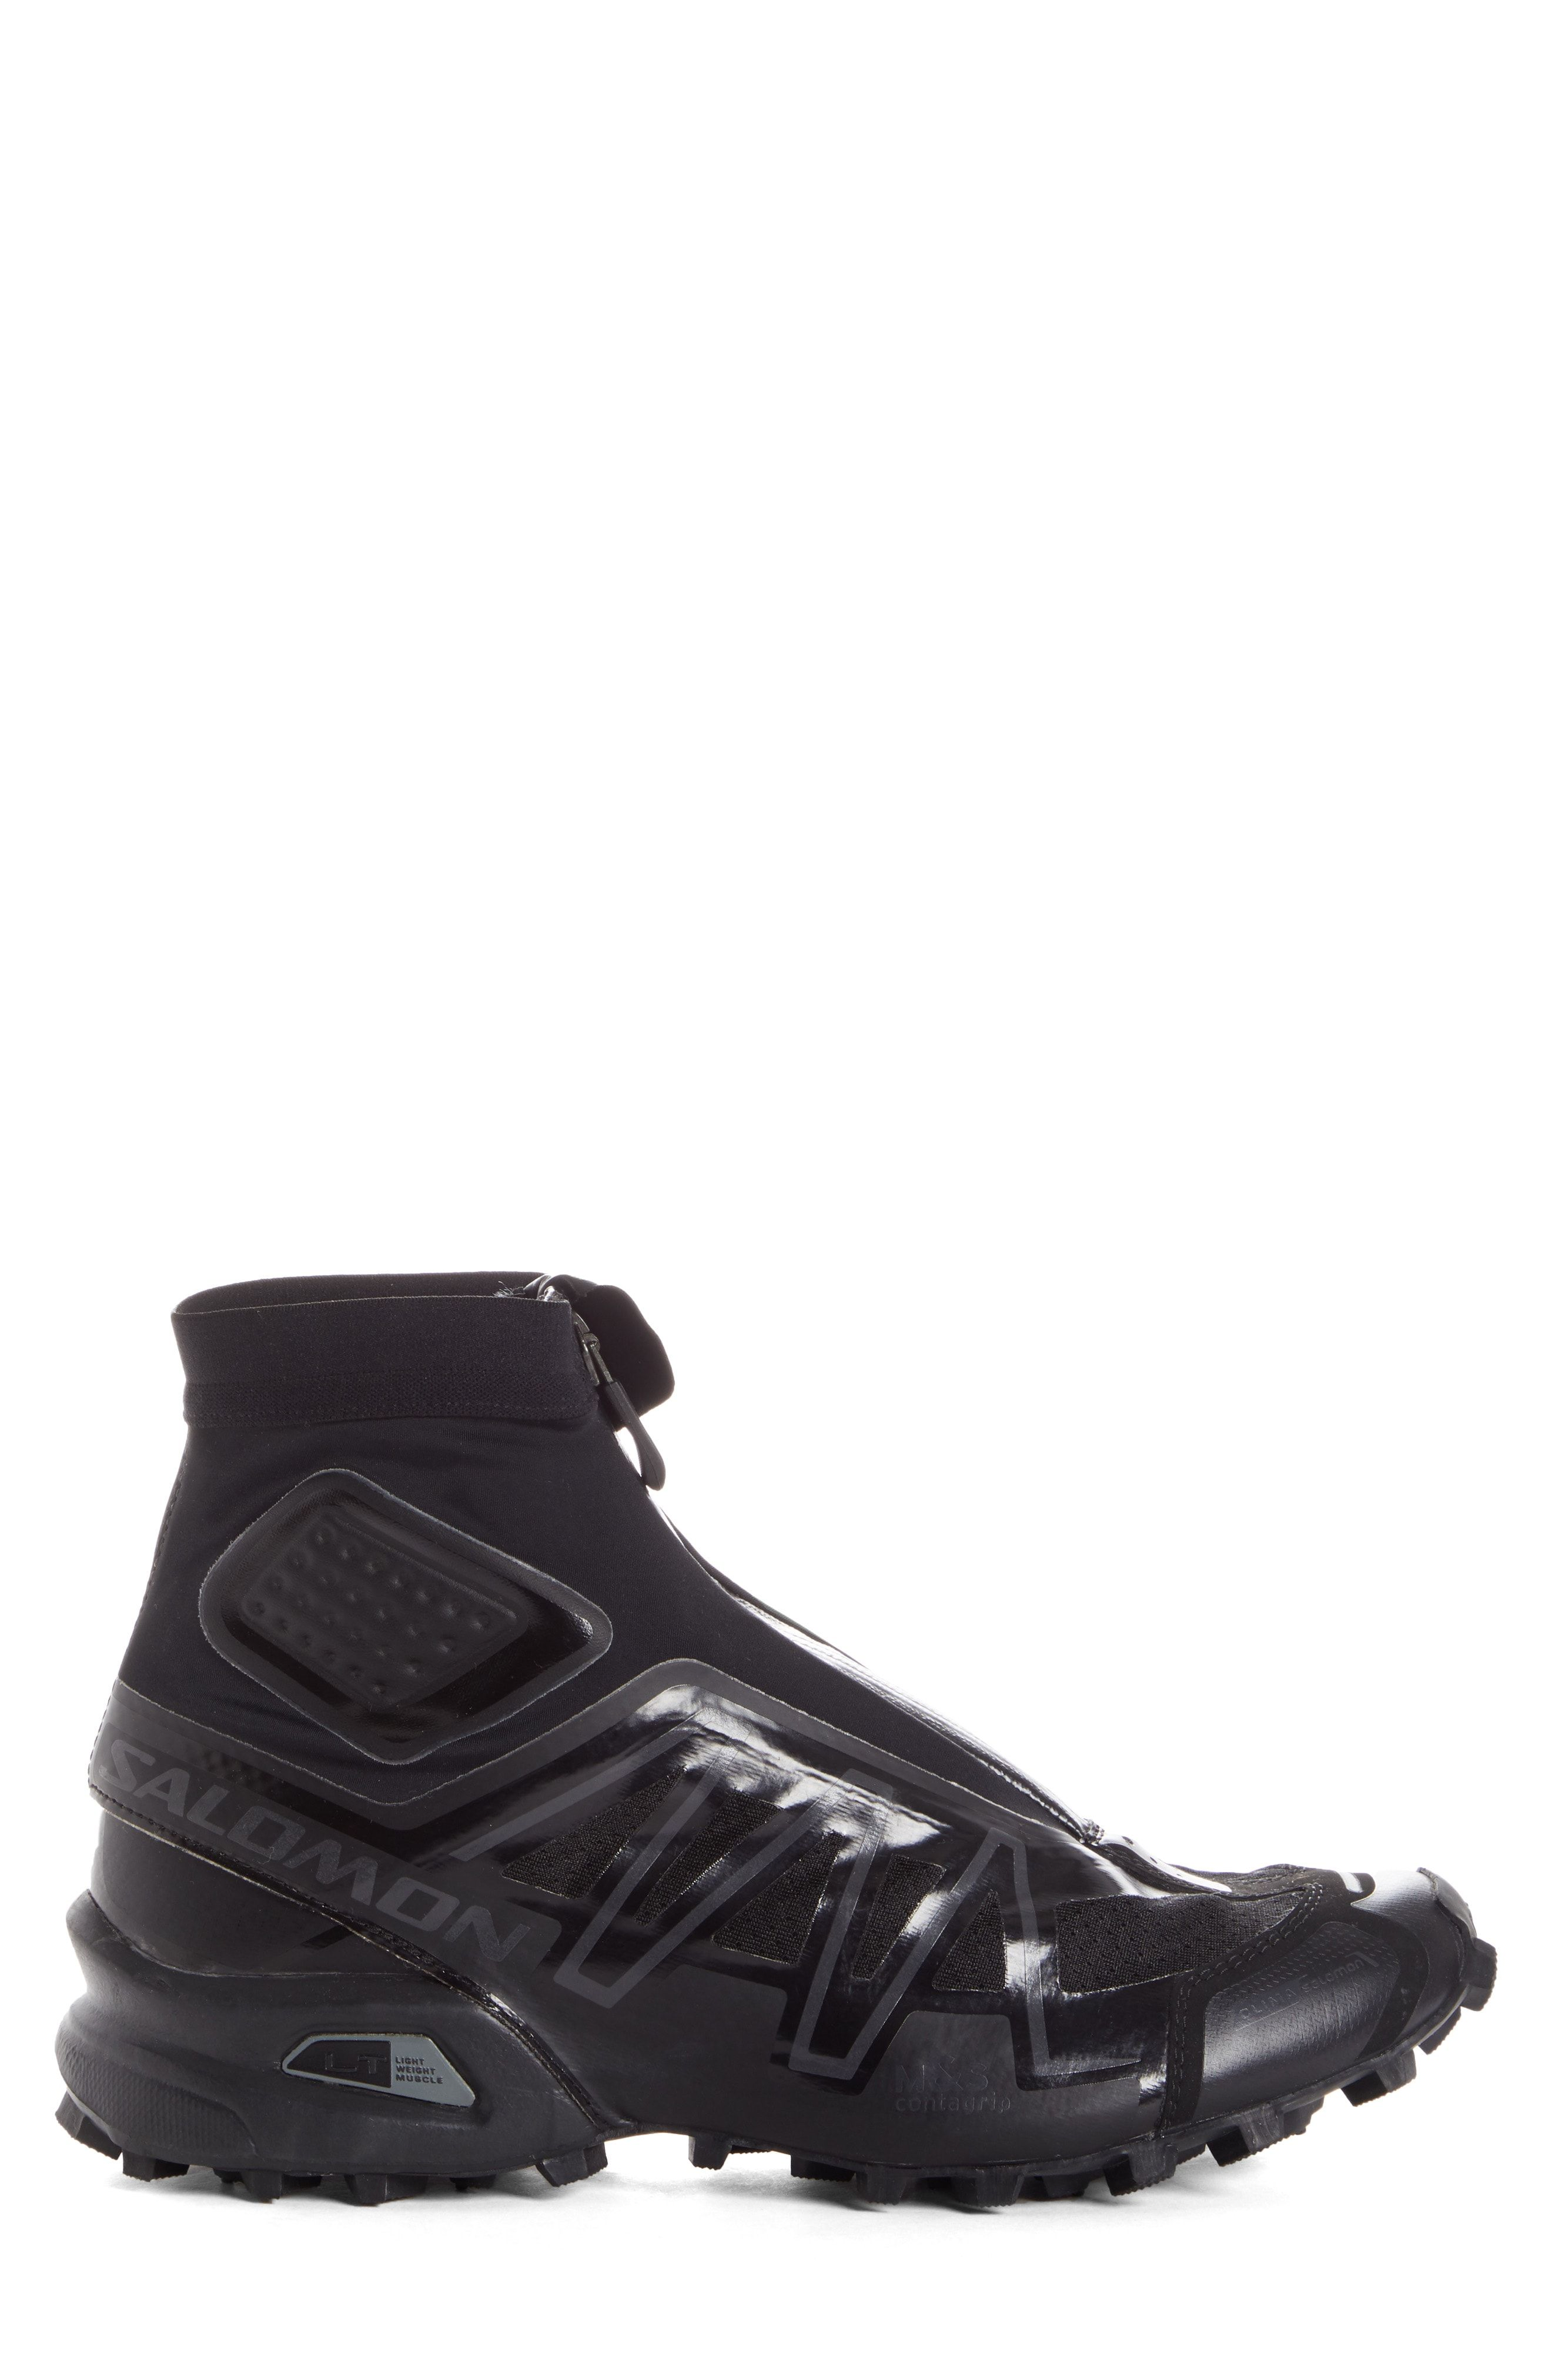 check out 734d2 47744 SALOMON SNOWCROSS ADV LTD HIGH TOP SNEAKER. #salomon #shoes ...